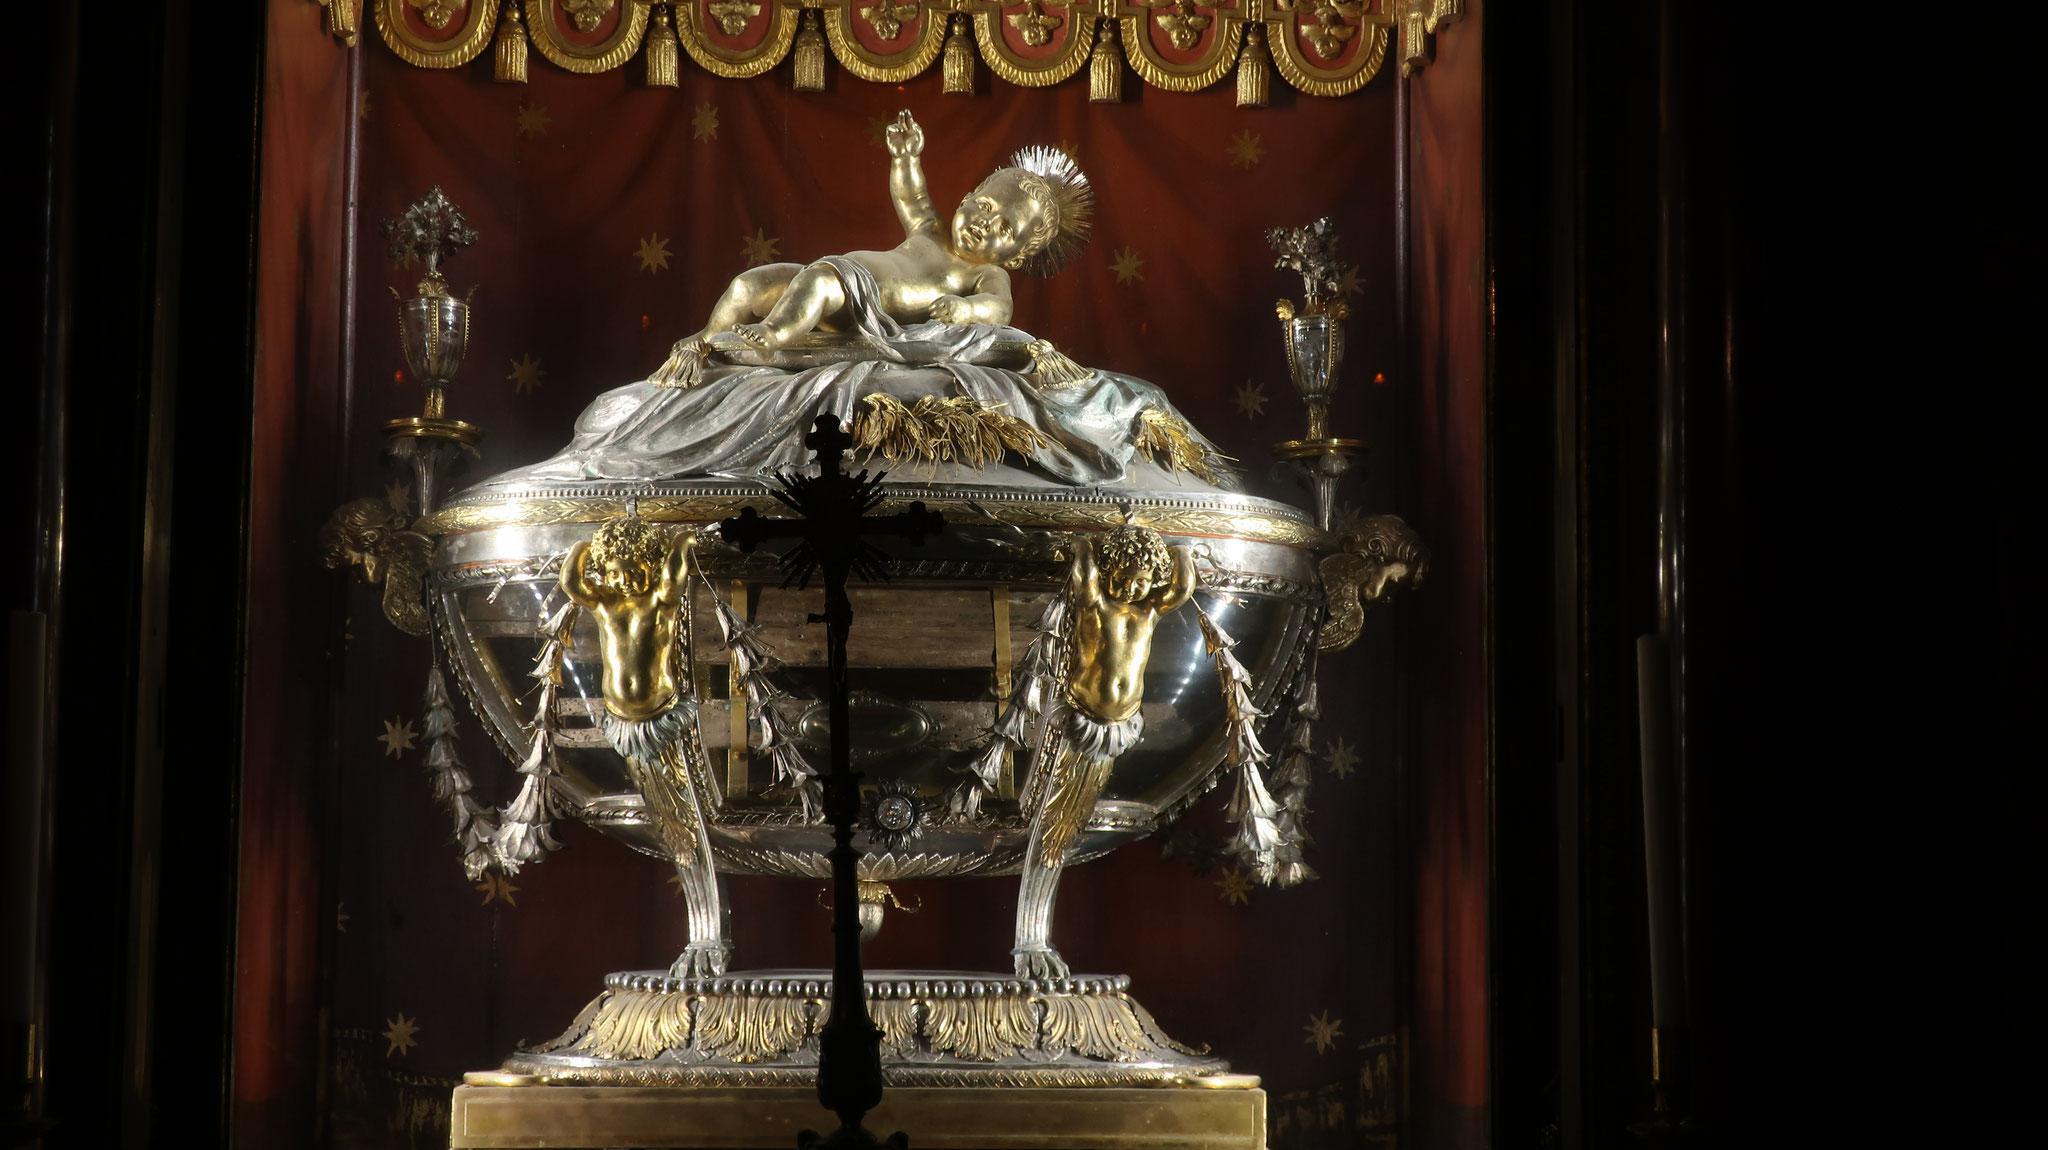 この教会の最も貴重な聖遺物。べツレヘムでキリスト誕生の際、使われたかいば桶の木片が収められています。